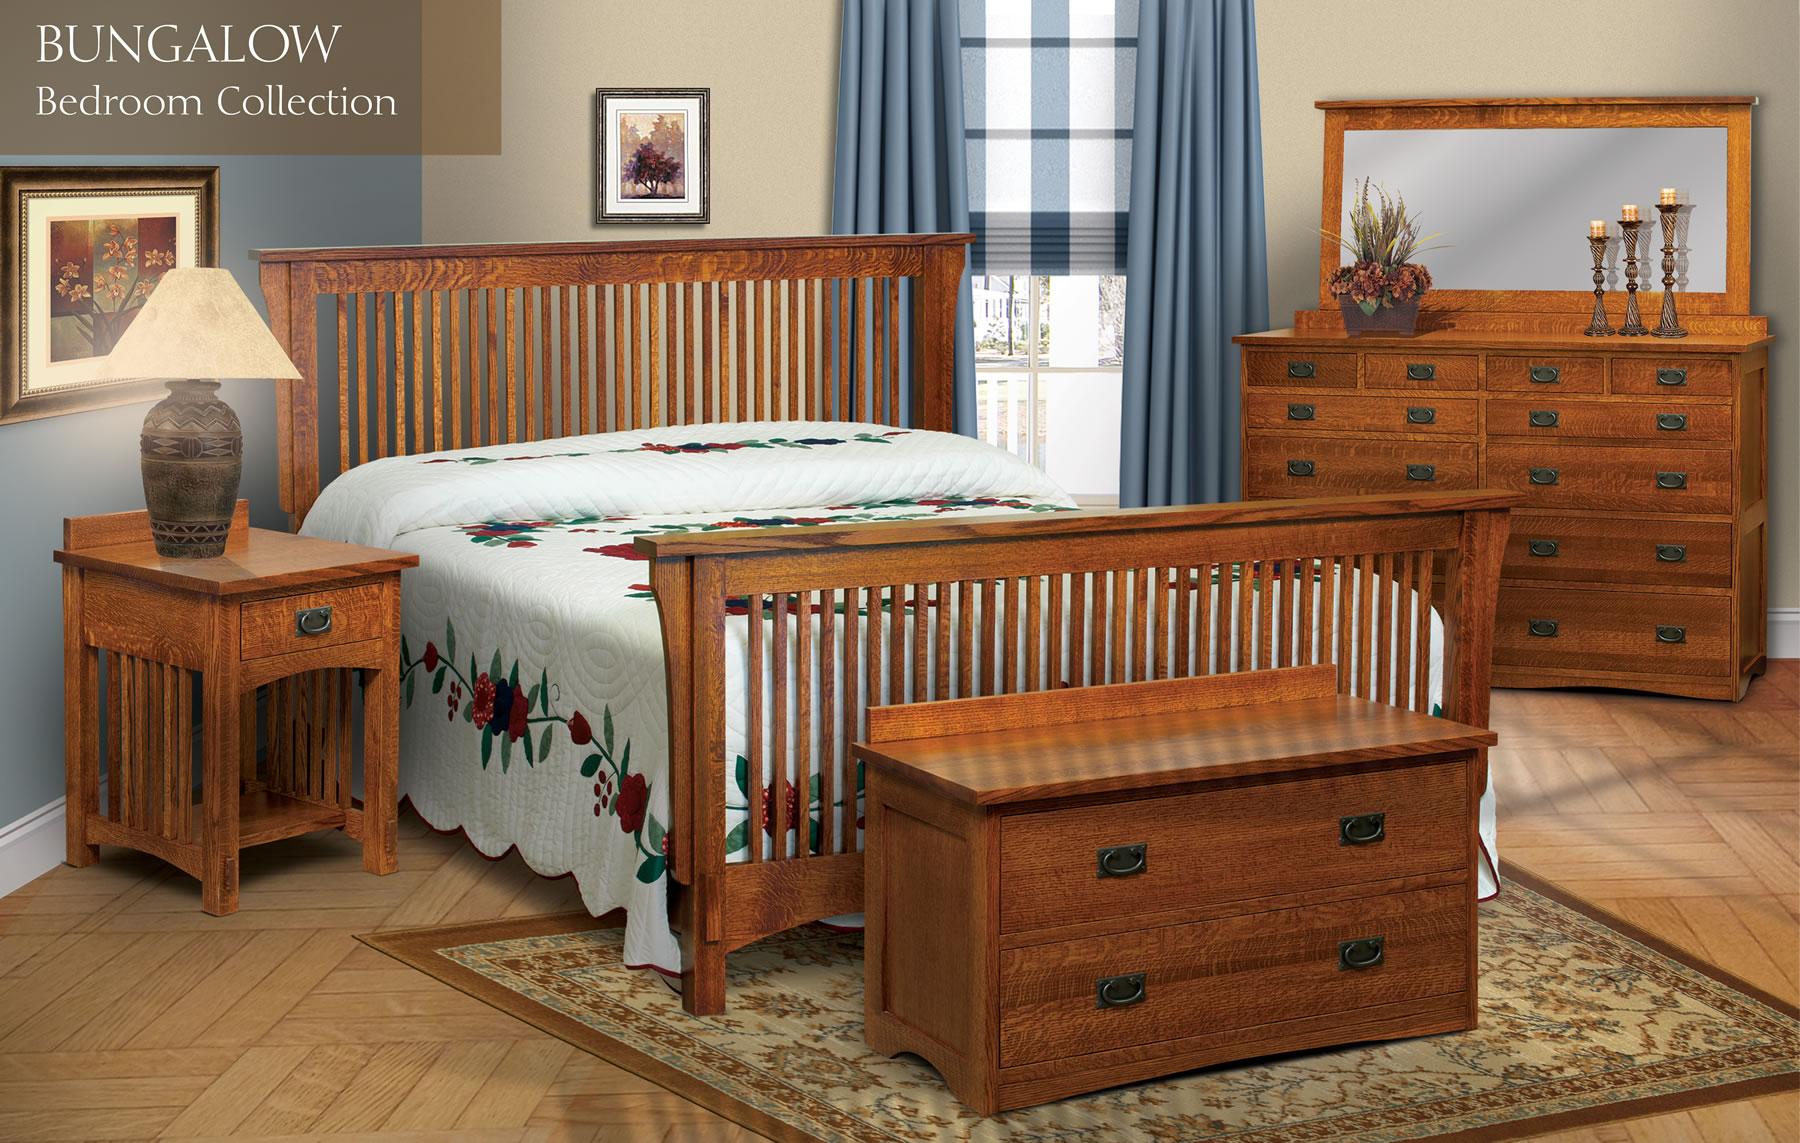 Bedroom Couch Potato Slo Furniture In San Luis Obispo